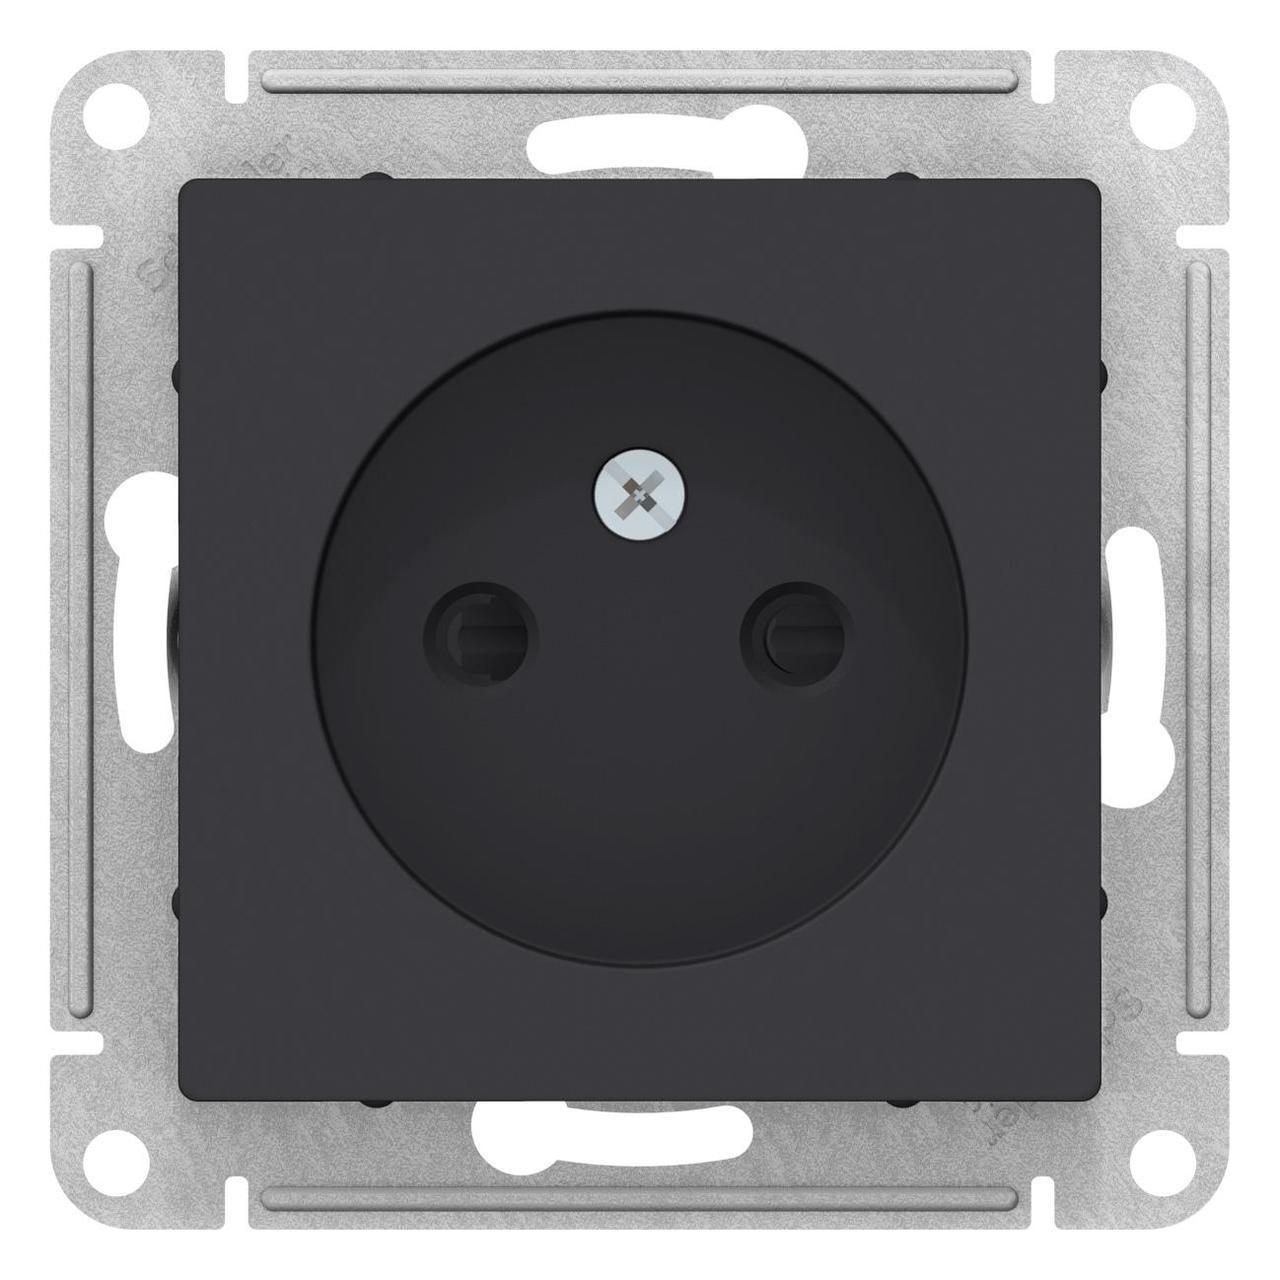 Розетка 1-ая электрическая без заземления с защитными шторками , Карбон, серия Atlas Design, Schneider